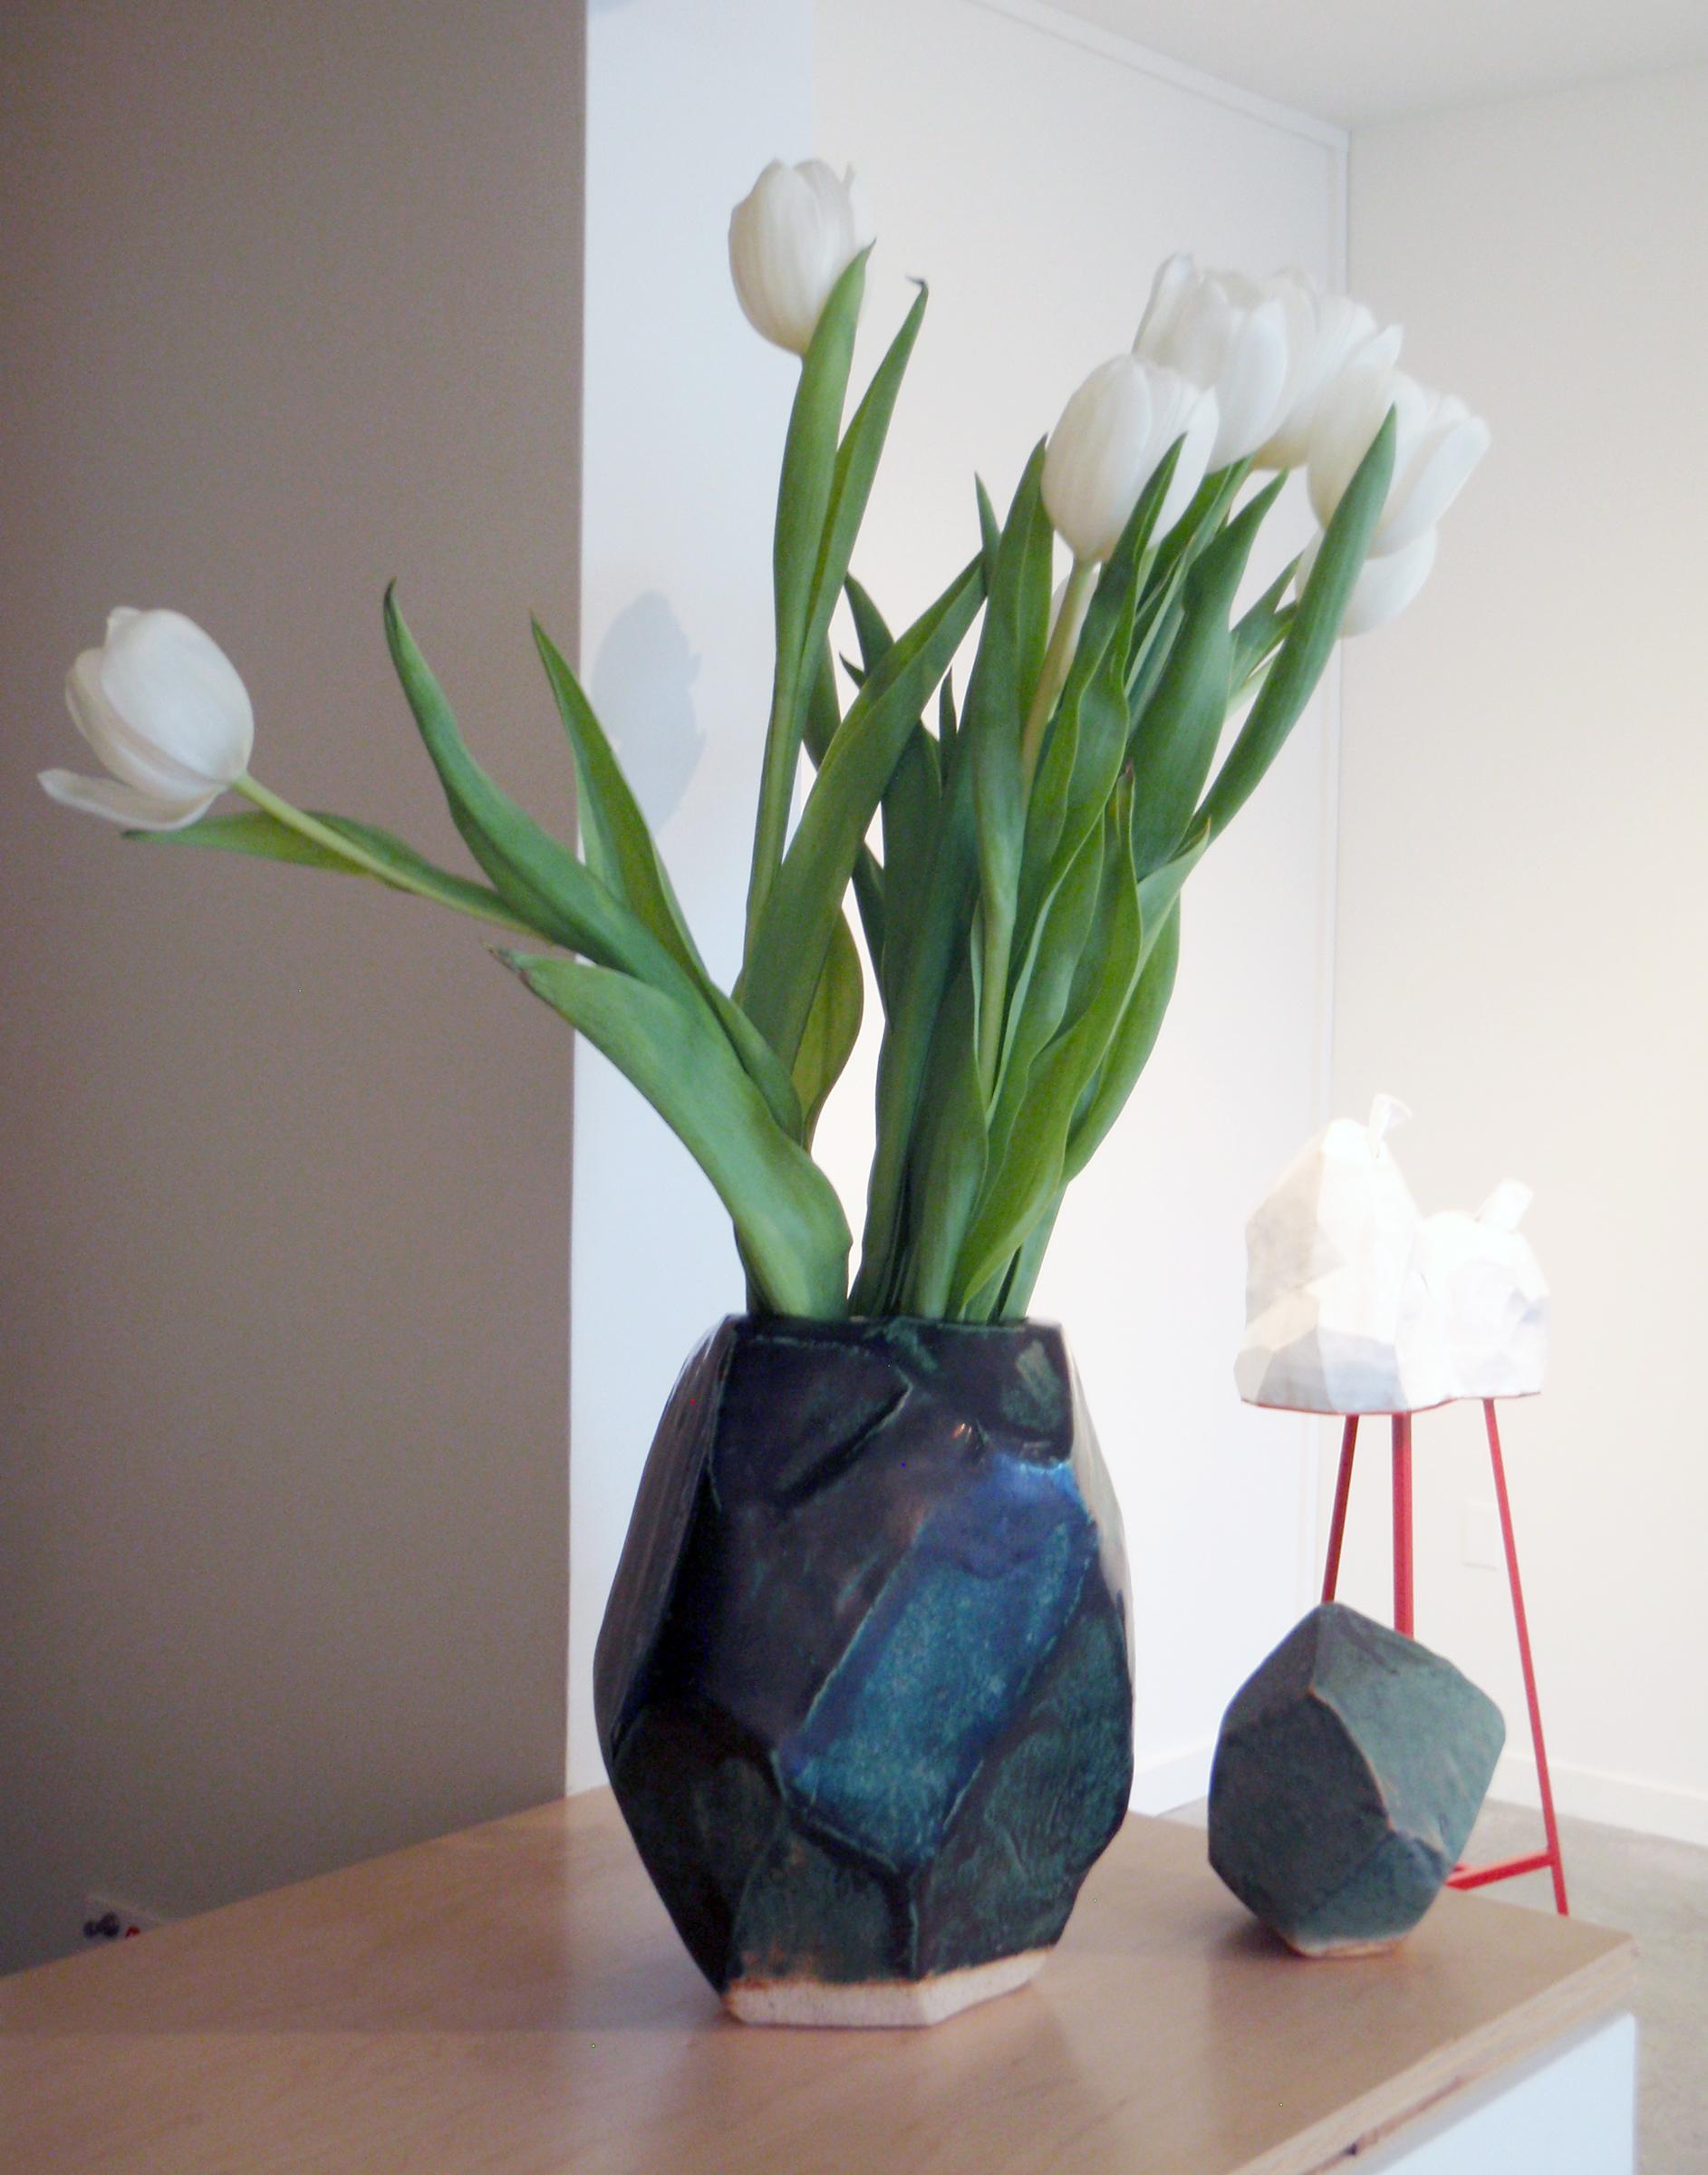 ANNA SEW HOY   verte/noir  (left) and  verte/lichen (right), installation